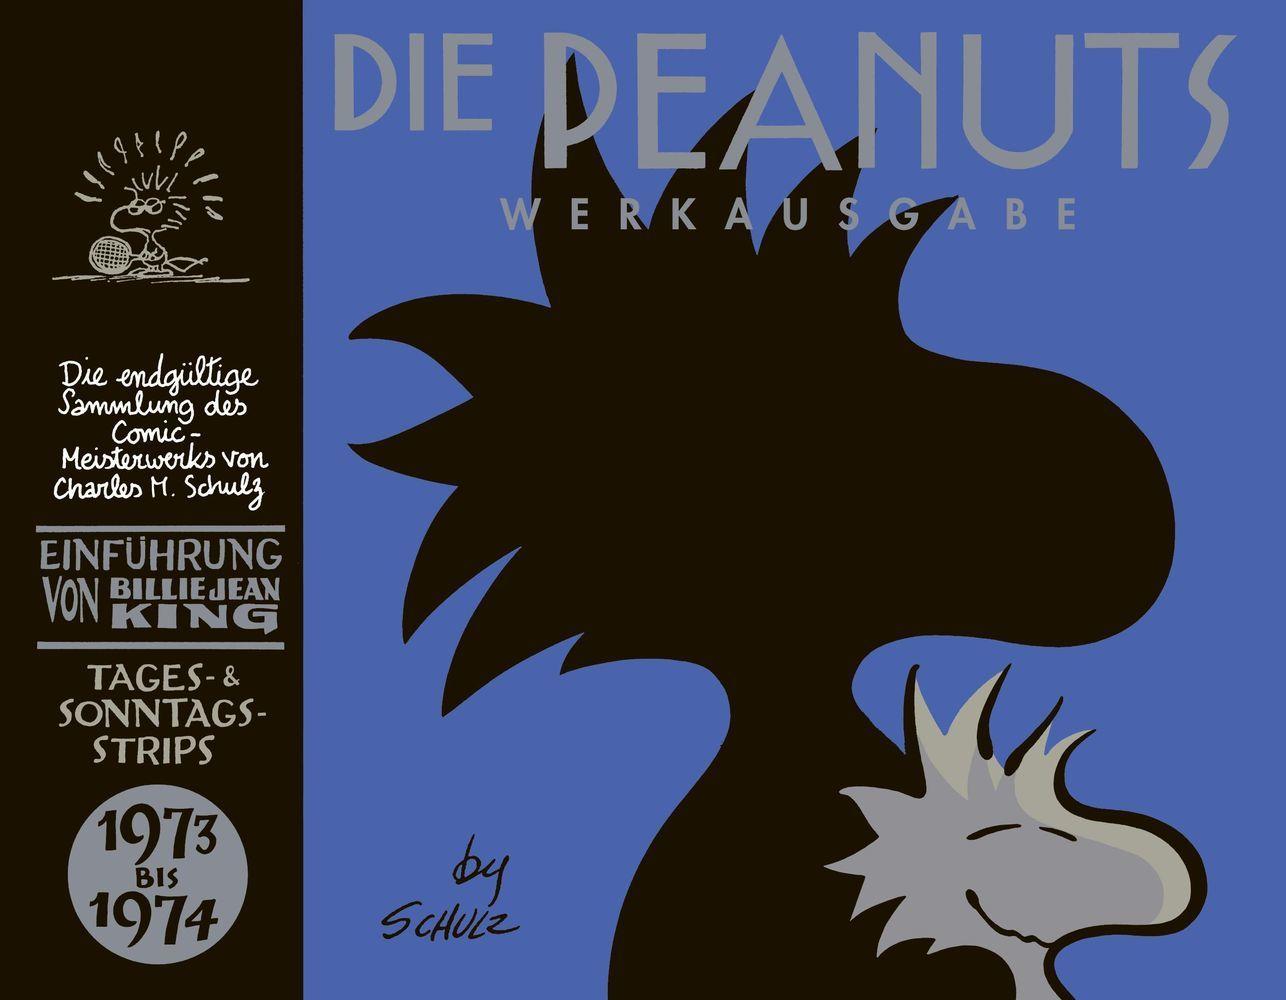 Peanuts Werkausgabe 12: 1973-1974 als Buch von Charles M. Schulz